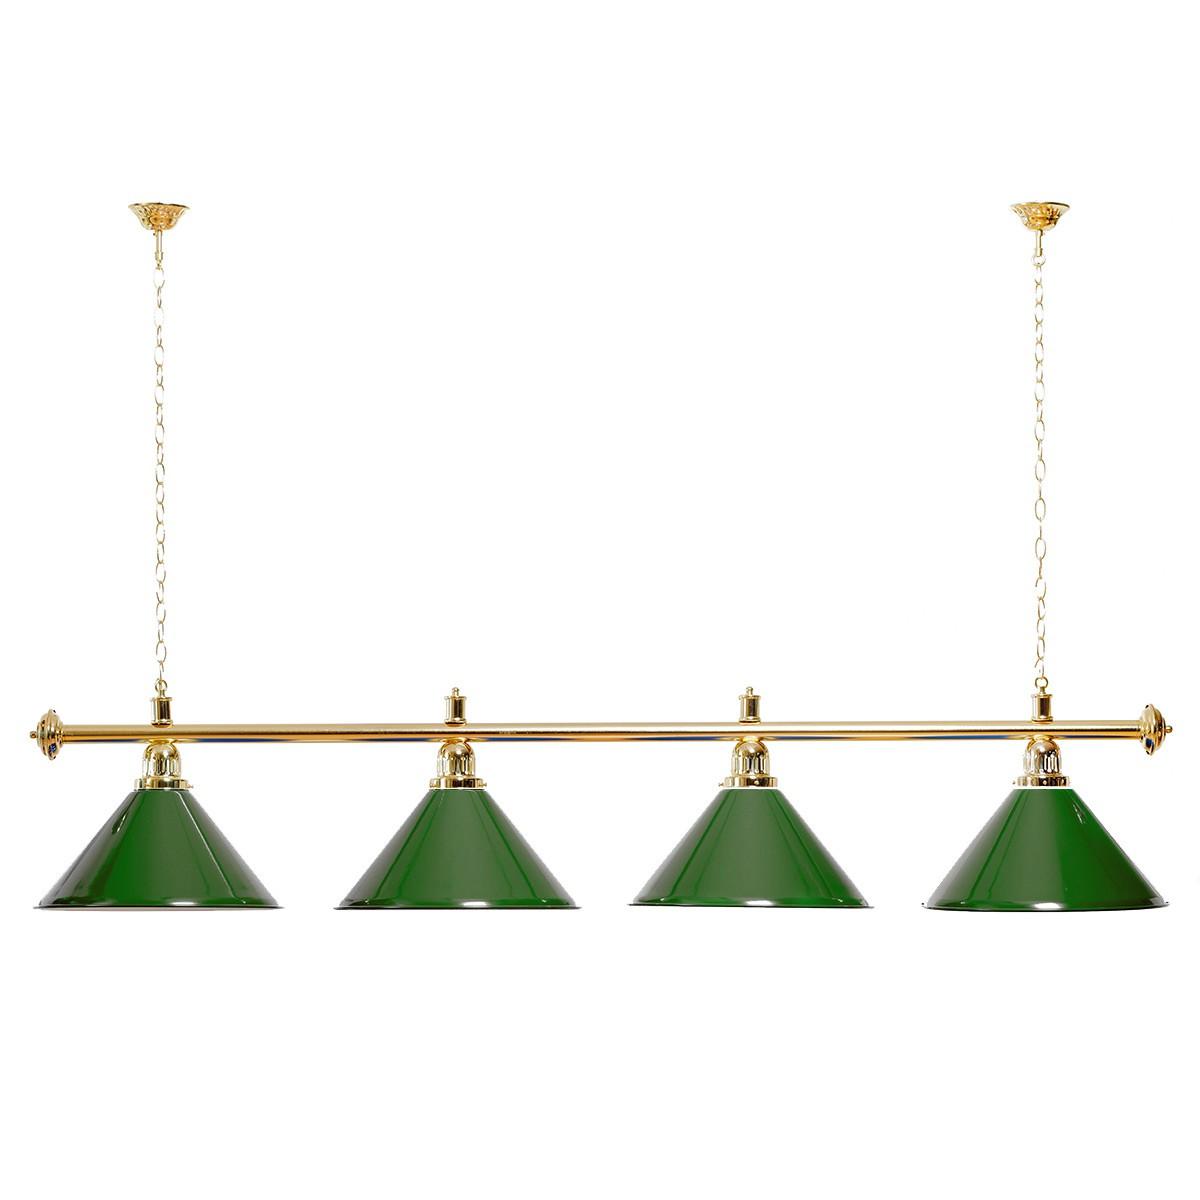 Billard Lampe 4 Schirme grün / goldfarbene Halterung